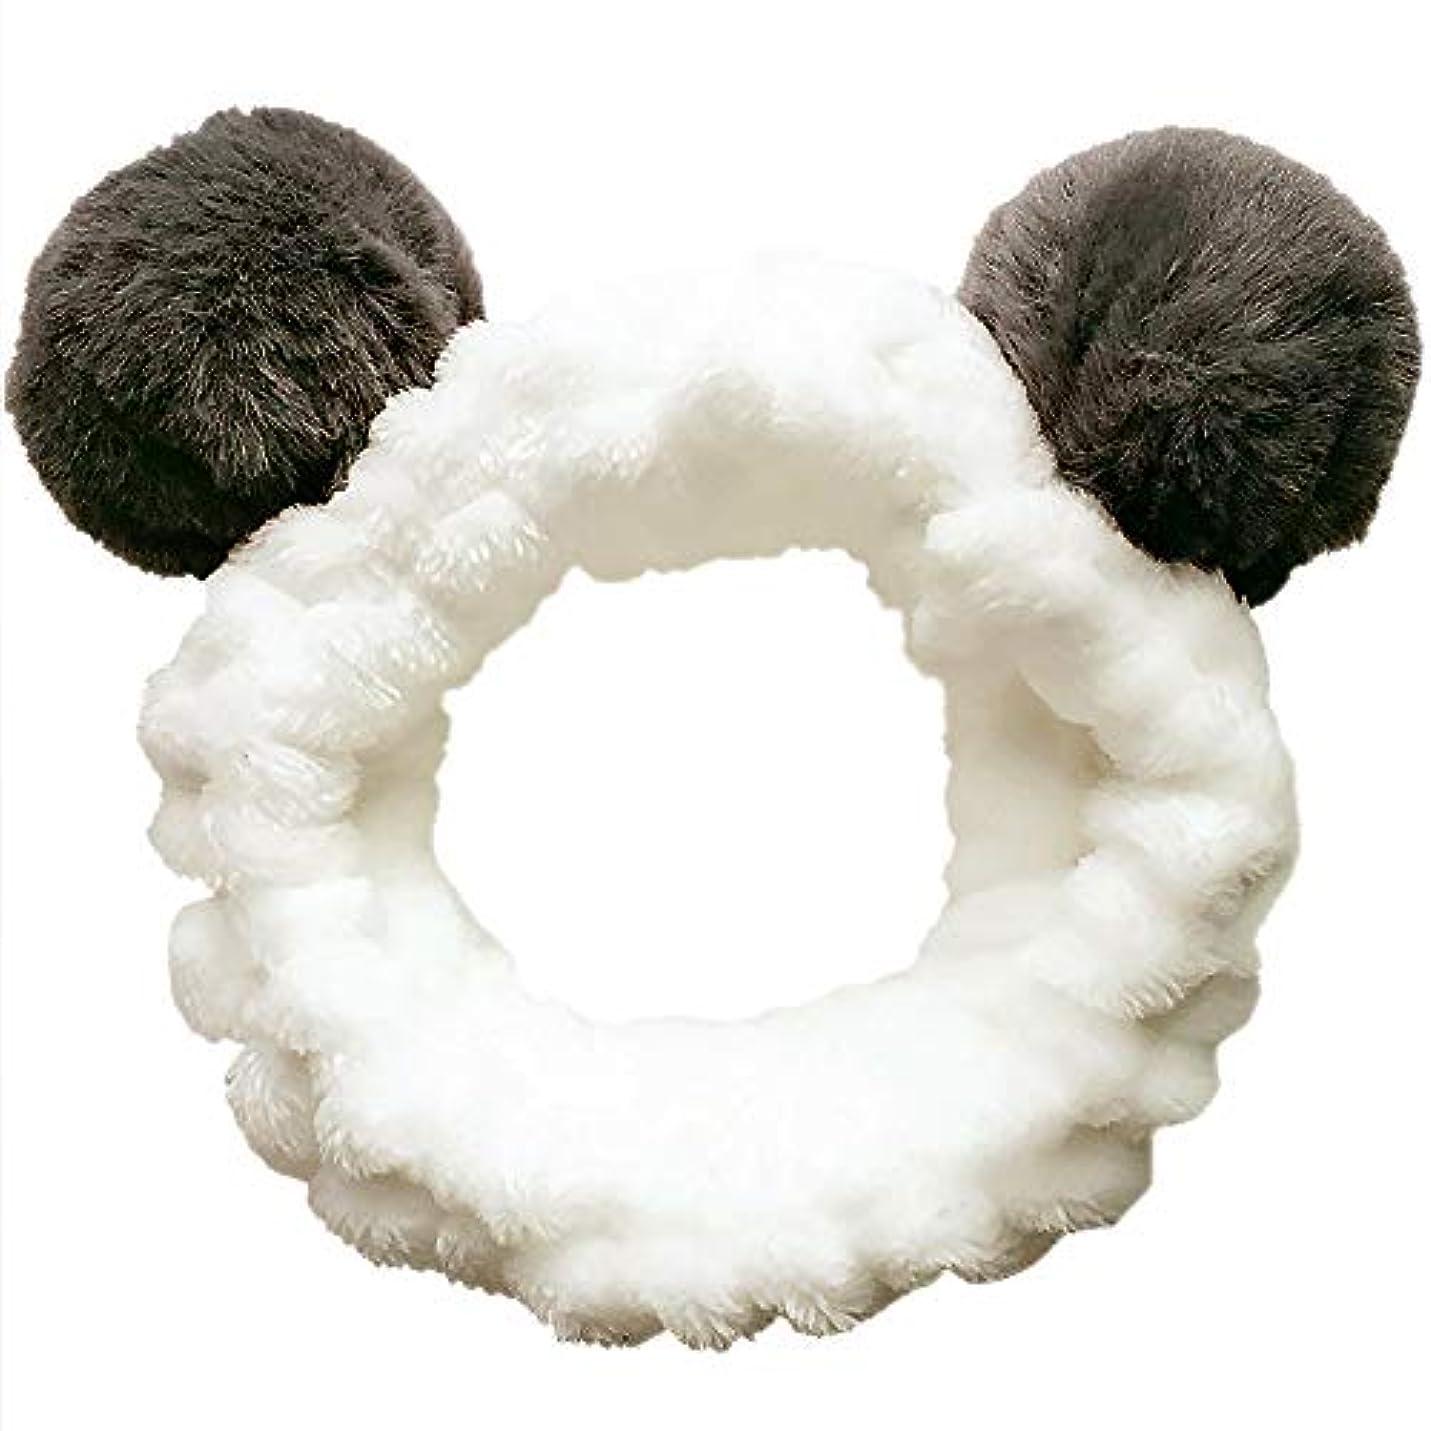 喉頭捧げる余計なヘアバンド 洗顔 動物 パンダ型 柔らかい 吸水 ターバン レディース ヘアアレンジ 伸縮性あり アニマル ふわふわ